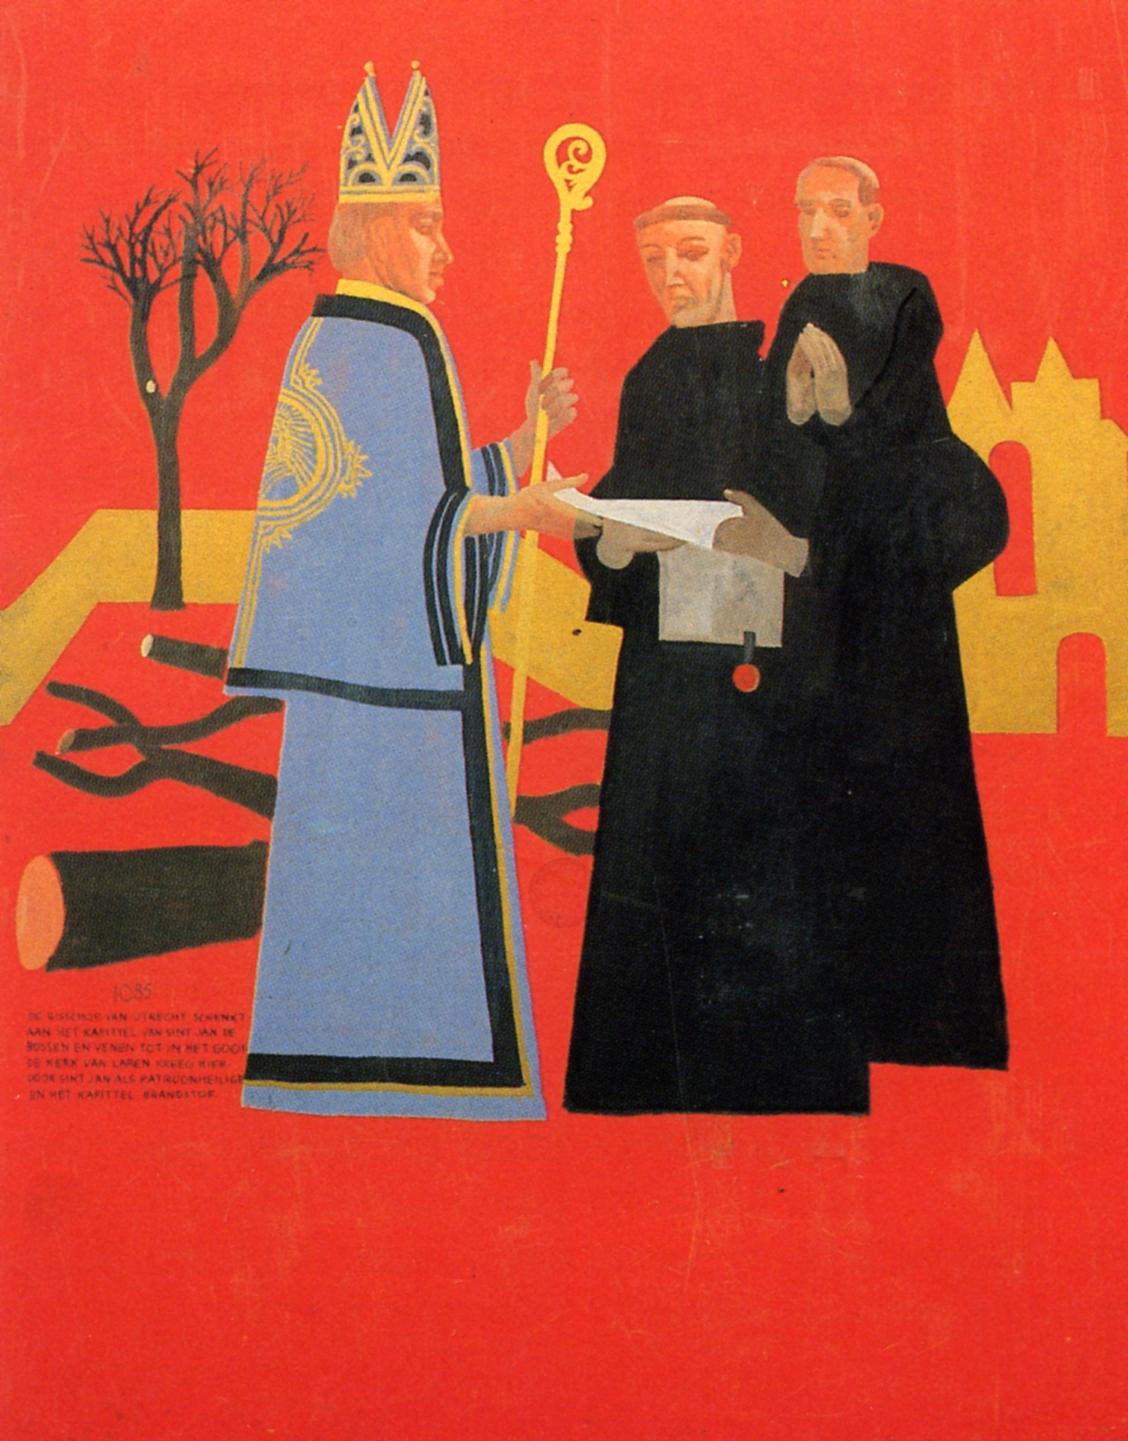 Paneel 2 (1085): de Bisschop van Utrecht schenkt aan het kapittel van Sint Jan de bossen en venen tot in het Gooi; de kerk van Laren kreeg hierdoor Sint Jan als patroonheilige en het kapittel brandstof.